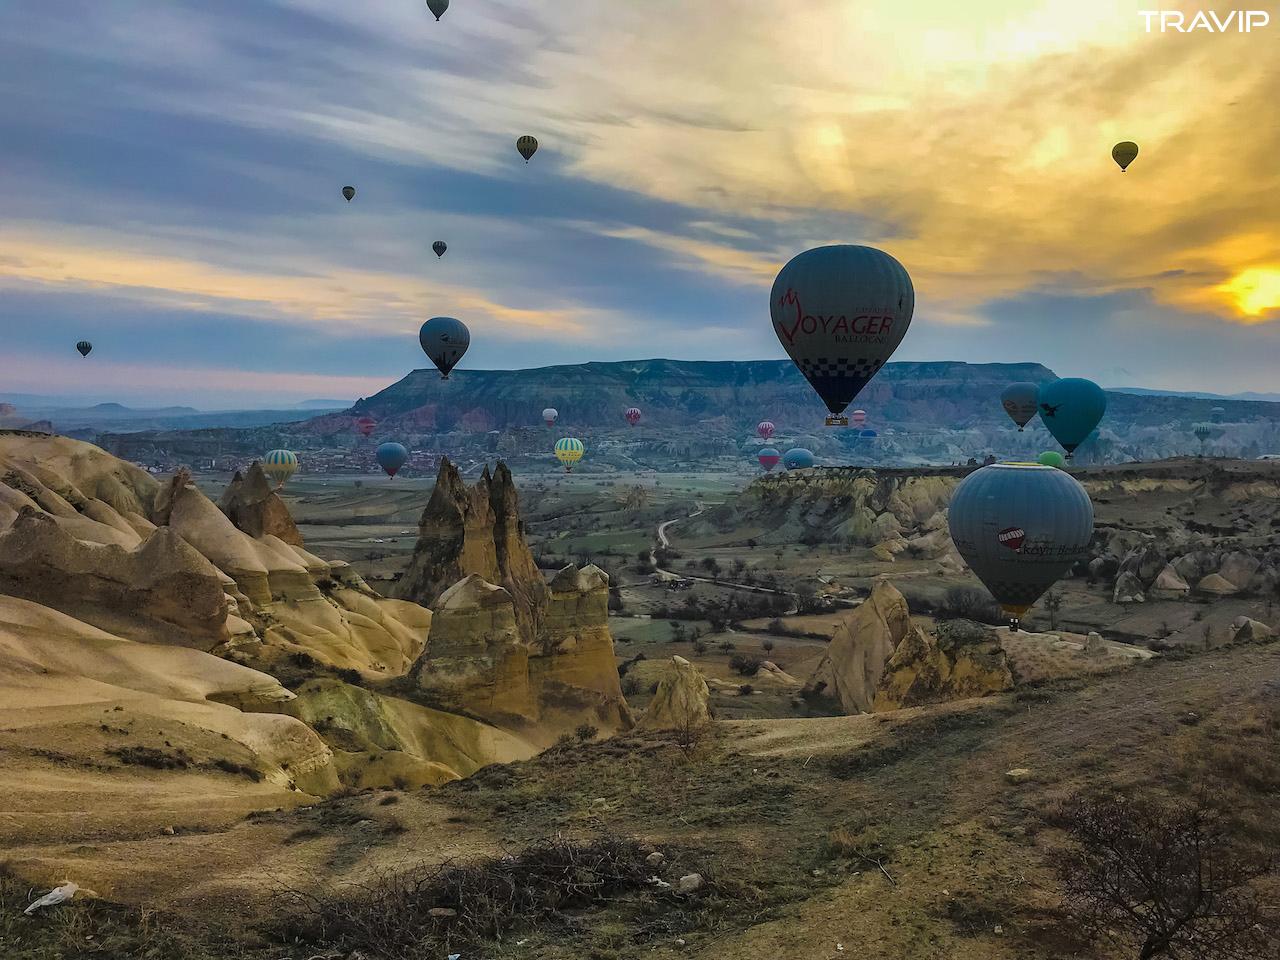 Ai Cập nối lại hoạt động du lịch bằng khinh khí cầu - Hình 3